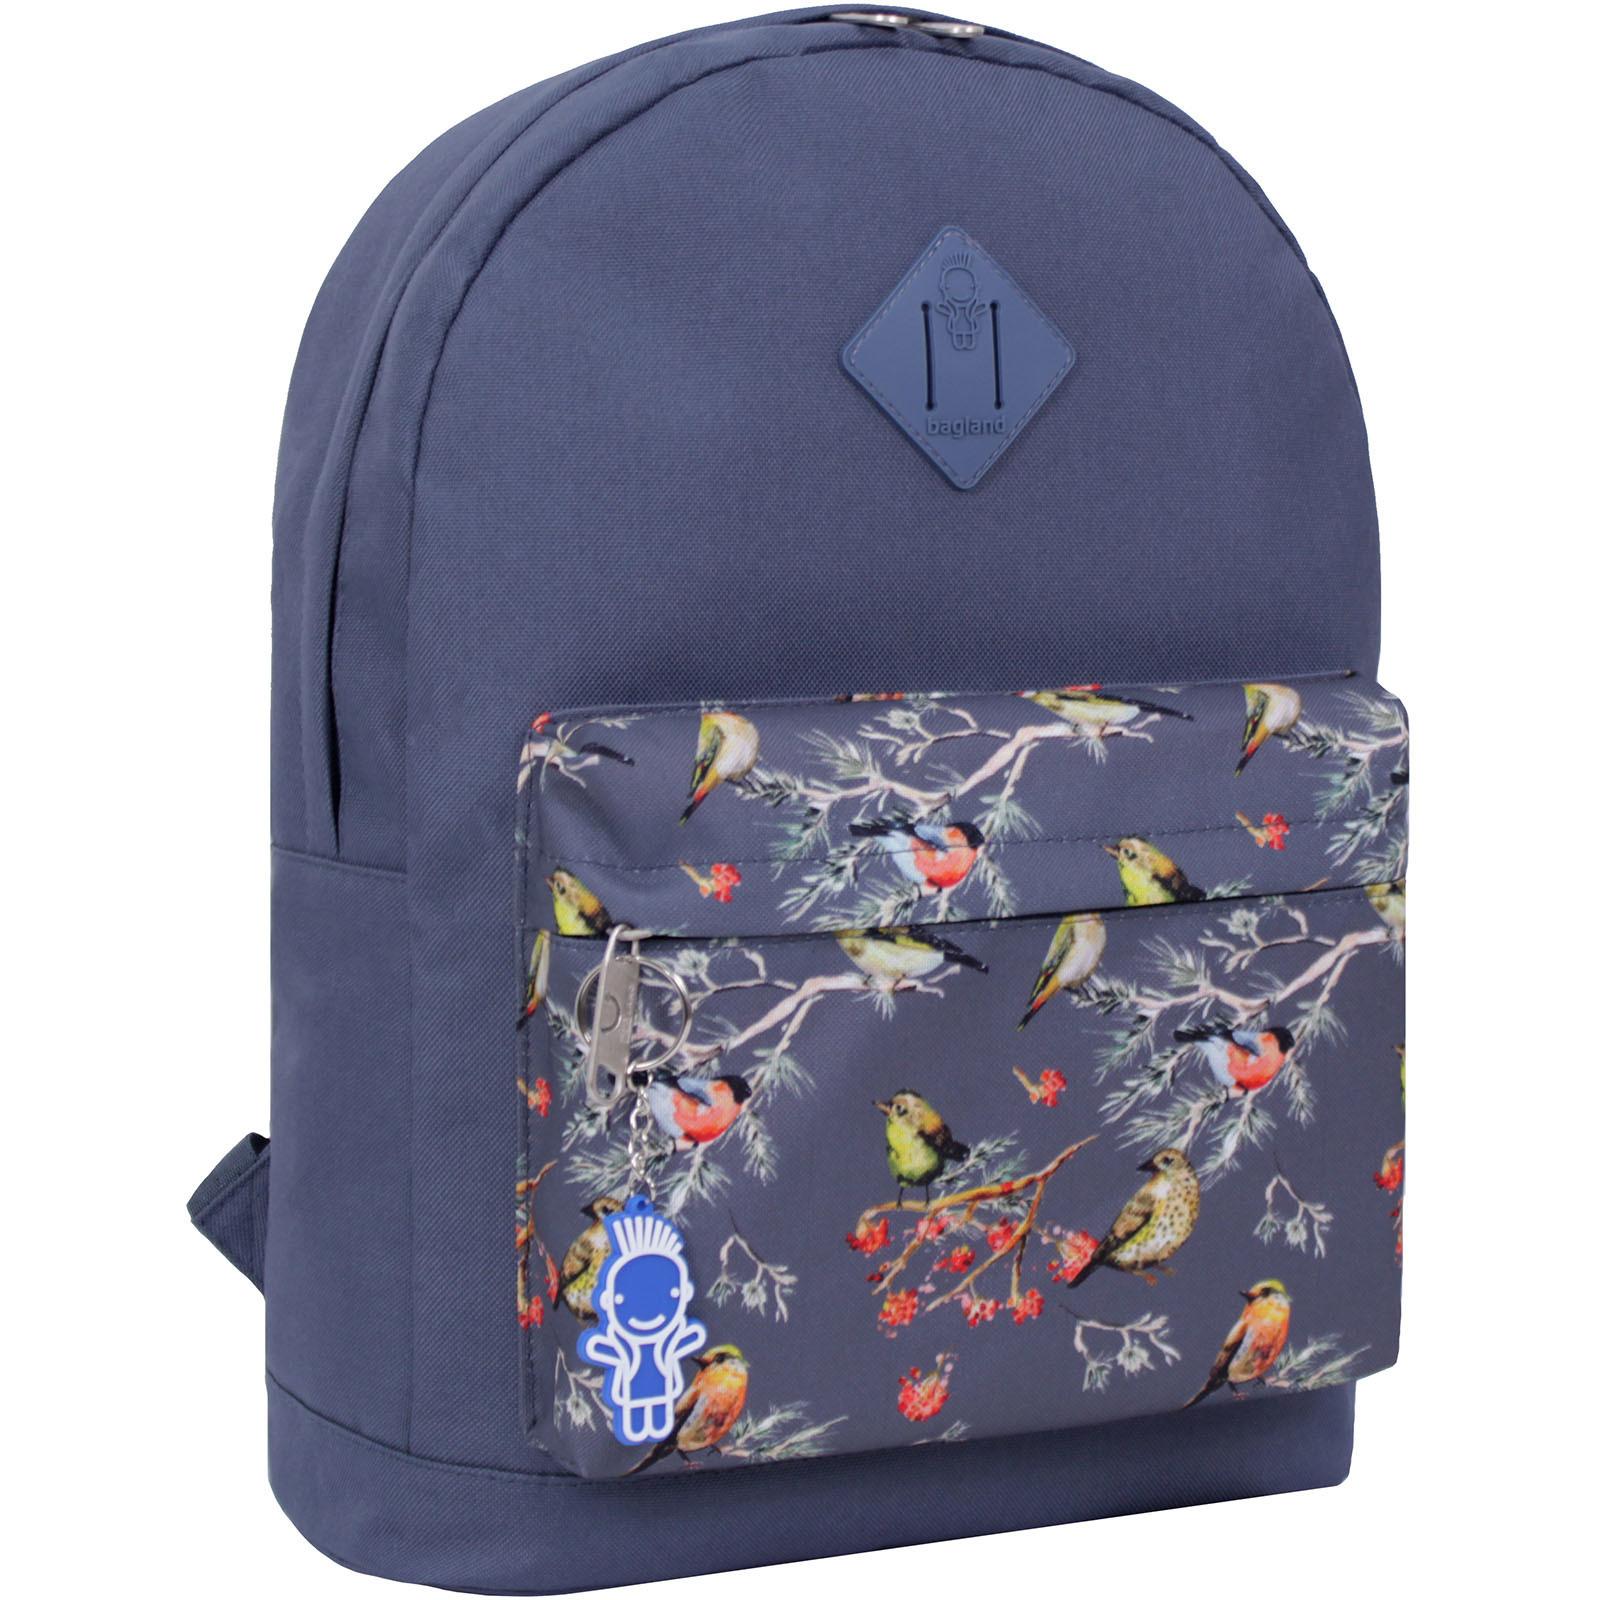 Городские рюкзаки Рюкзак Bagland Молодежный W/R 17 л. серый 445 (00533662) IMG_2206_суб.445_.JPG